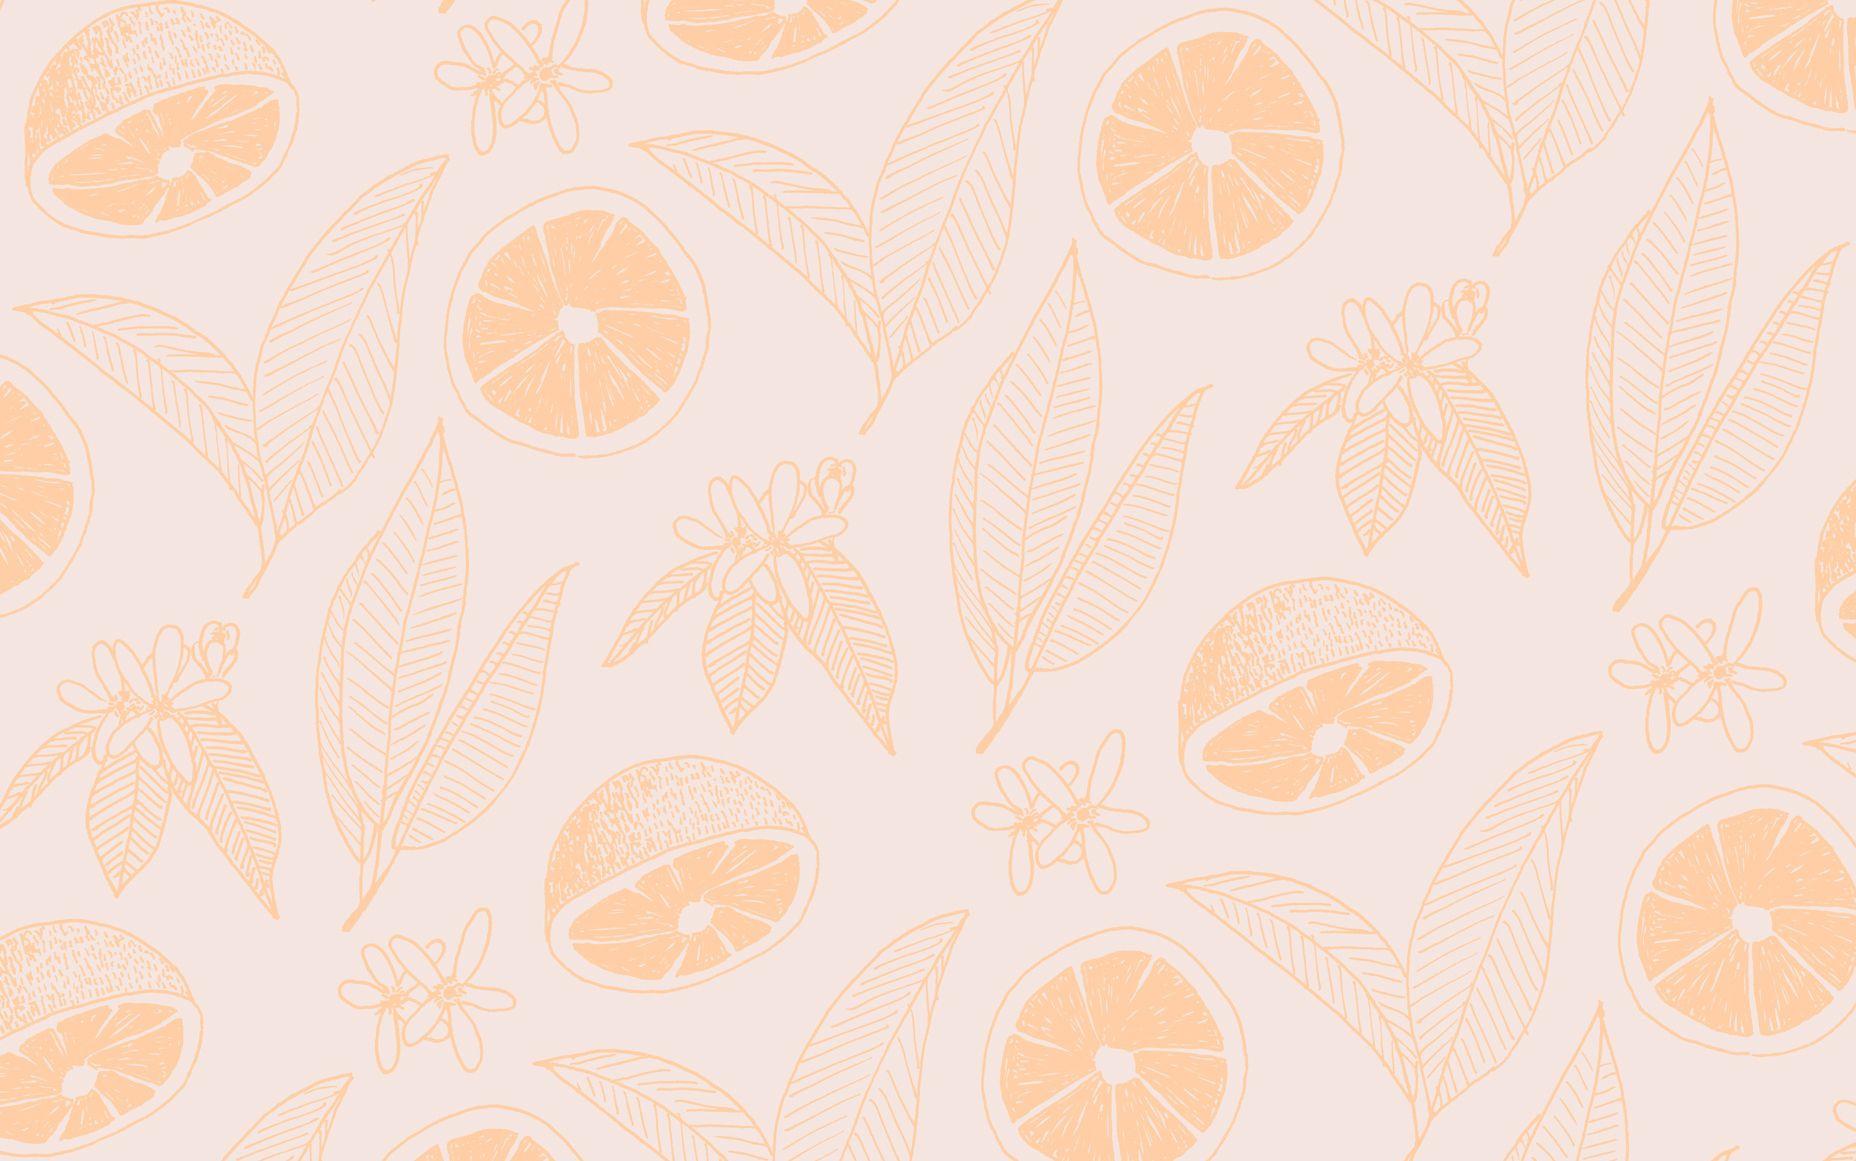 Margot Co 1 Jpg 1856 1161 Aesthetic Desktop Wallpaper Desktop Wallpaper Design Desktop Wallpaper Art